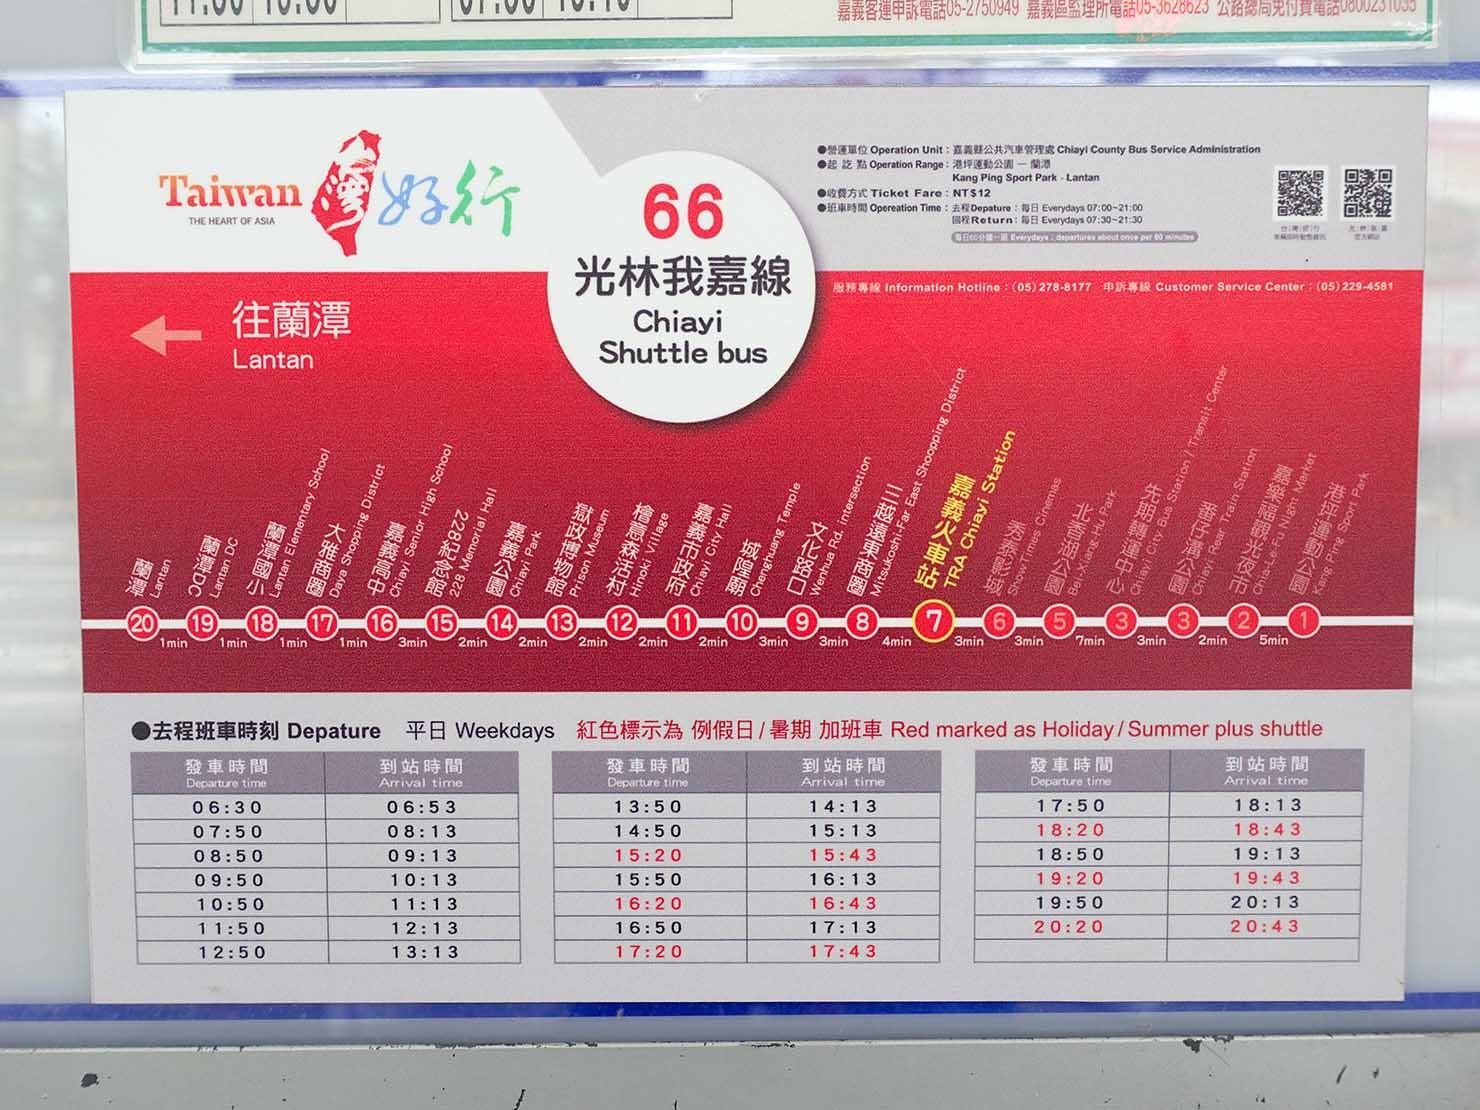 嘉義観光におすすめのバス路線「台灣好行 光林我嘉線(66號)」の路線図